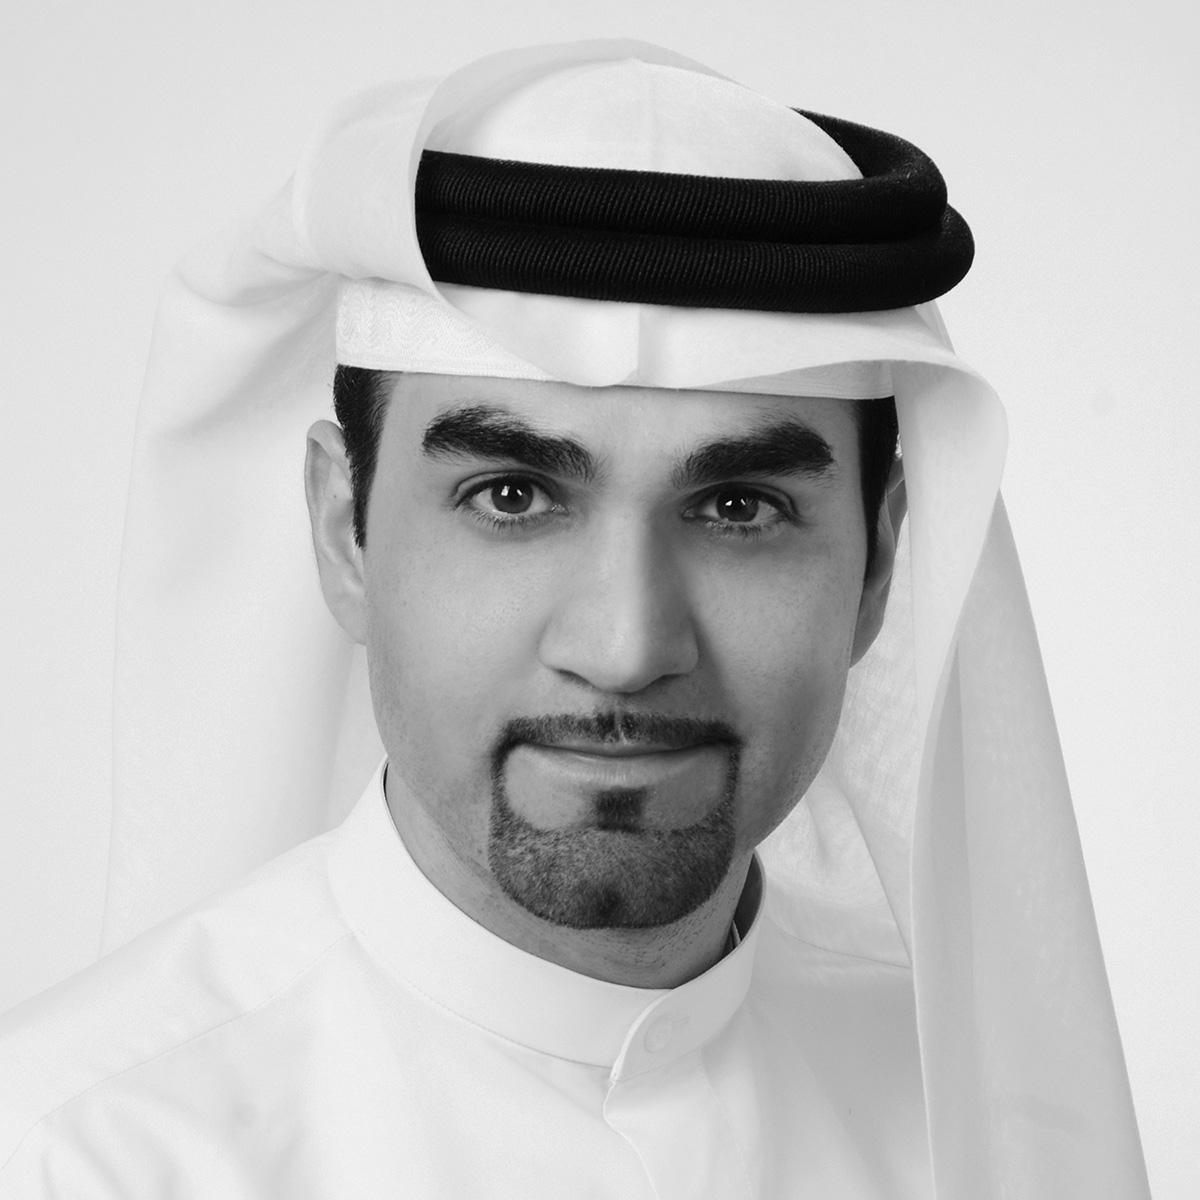 Hisham Al Gurg